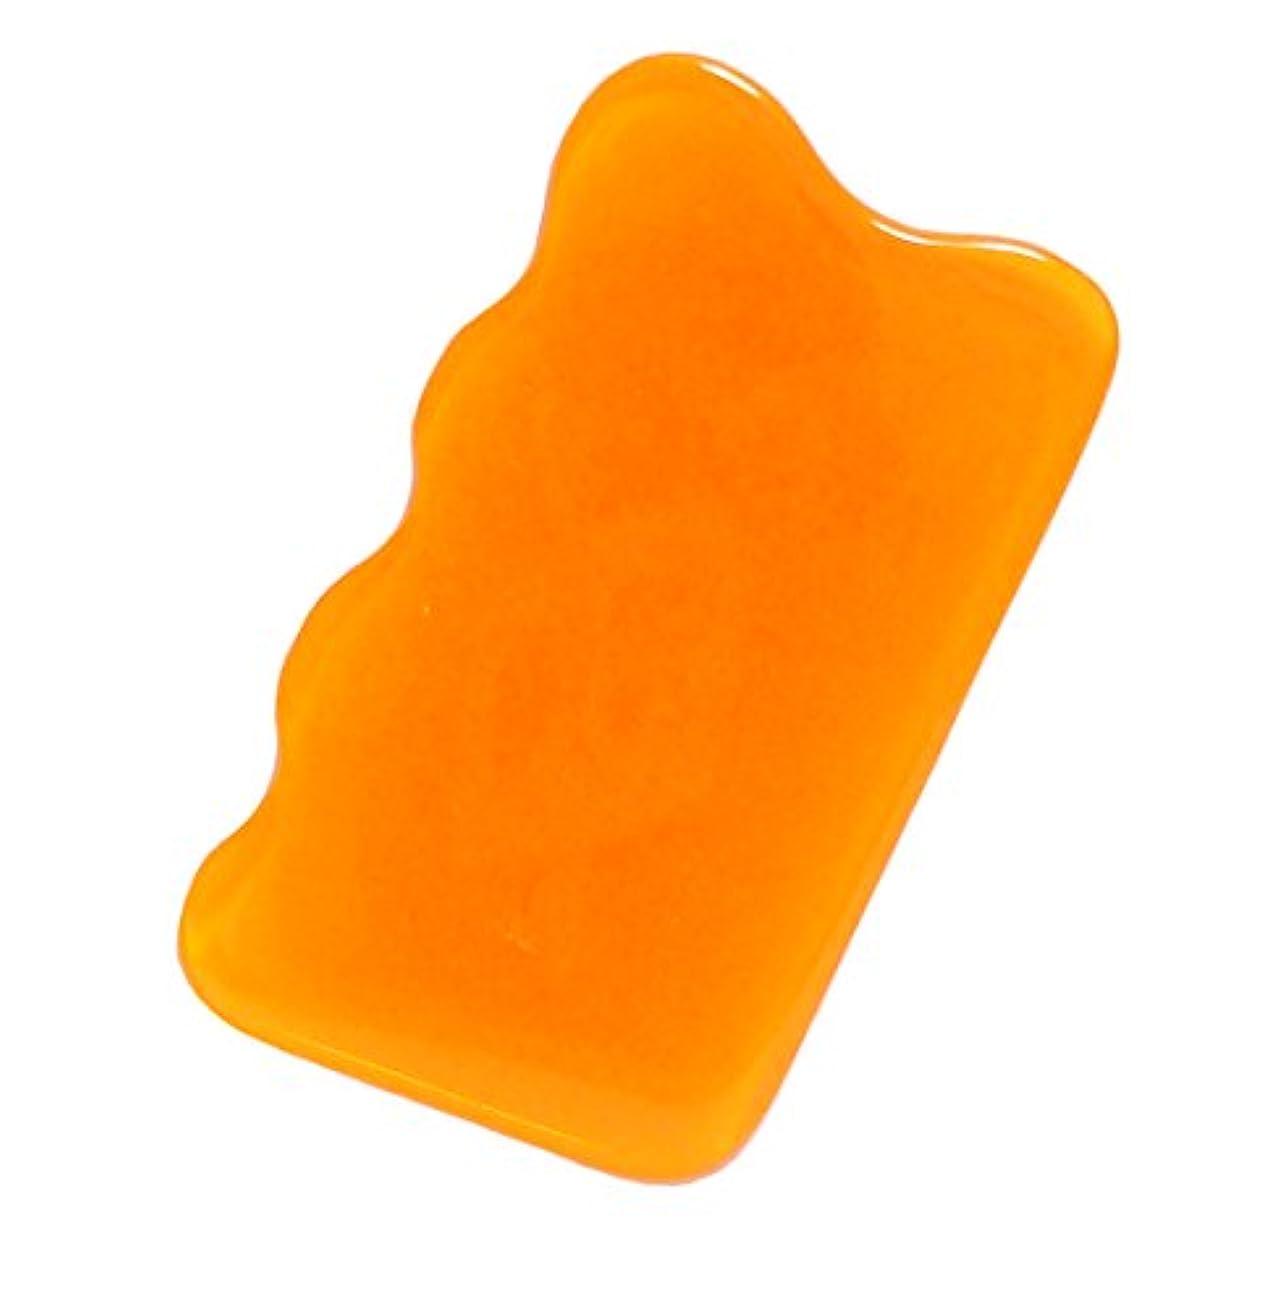 スイッチ退却名誉天然蜜蝋使用! 雲形かっさプレート (オレンジ色)